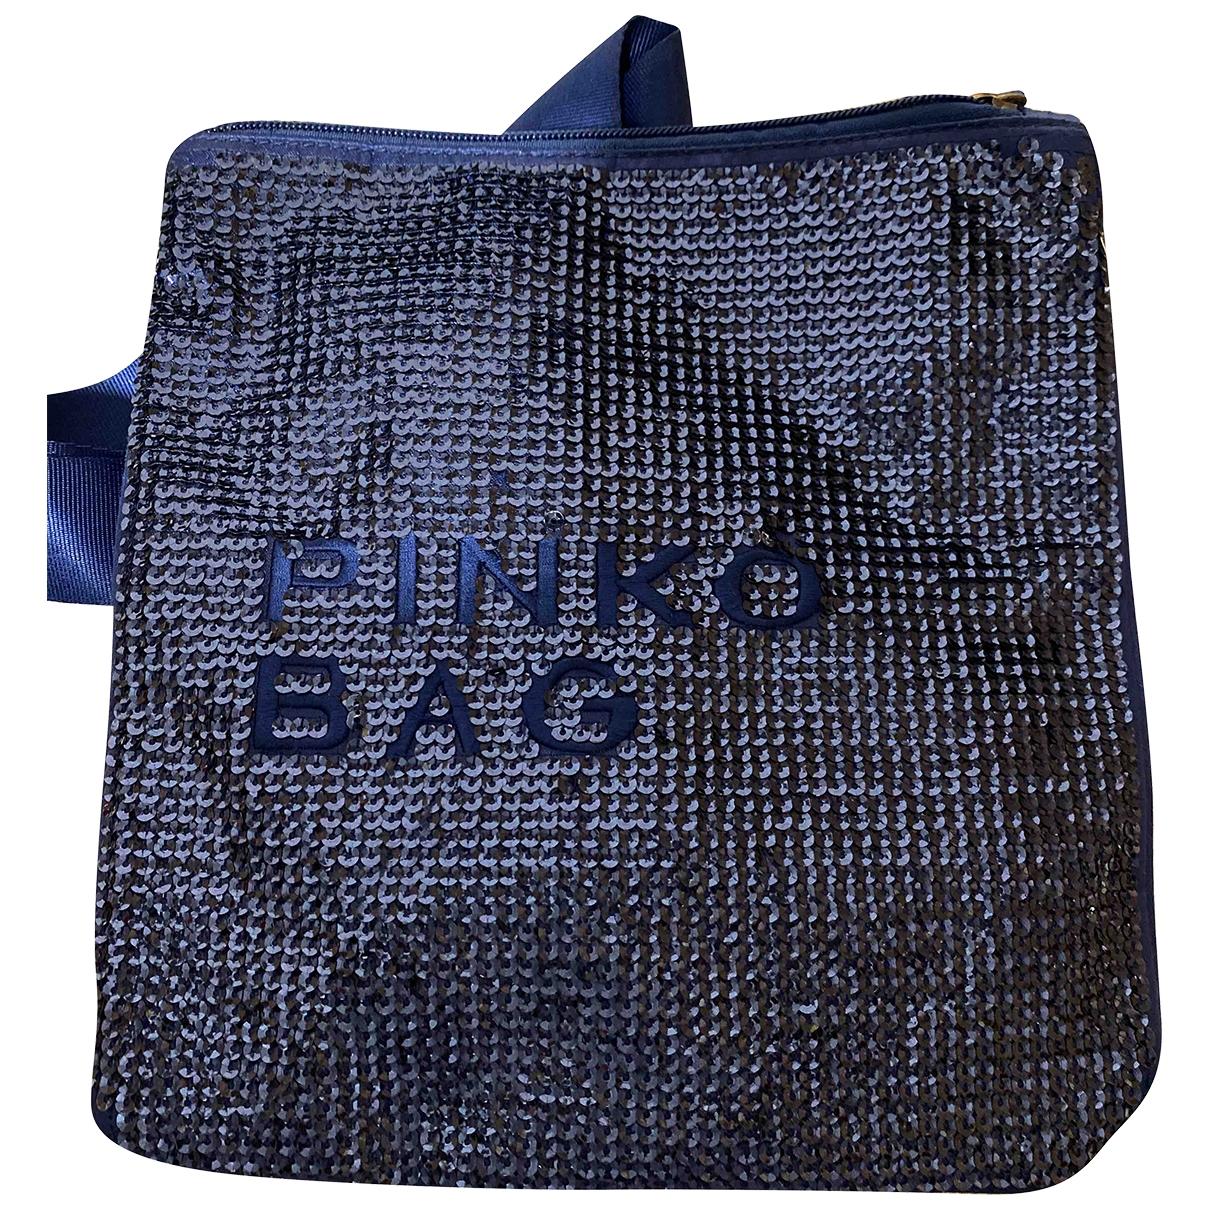 Pinko \N Blue Glitter Clutch bag for Women \N